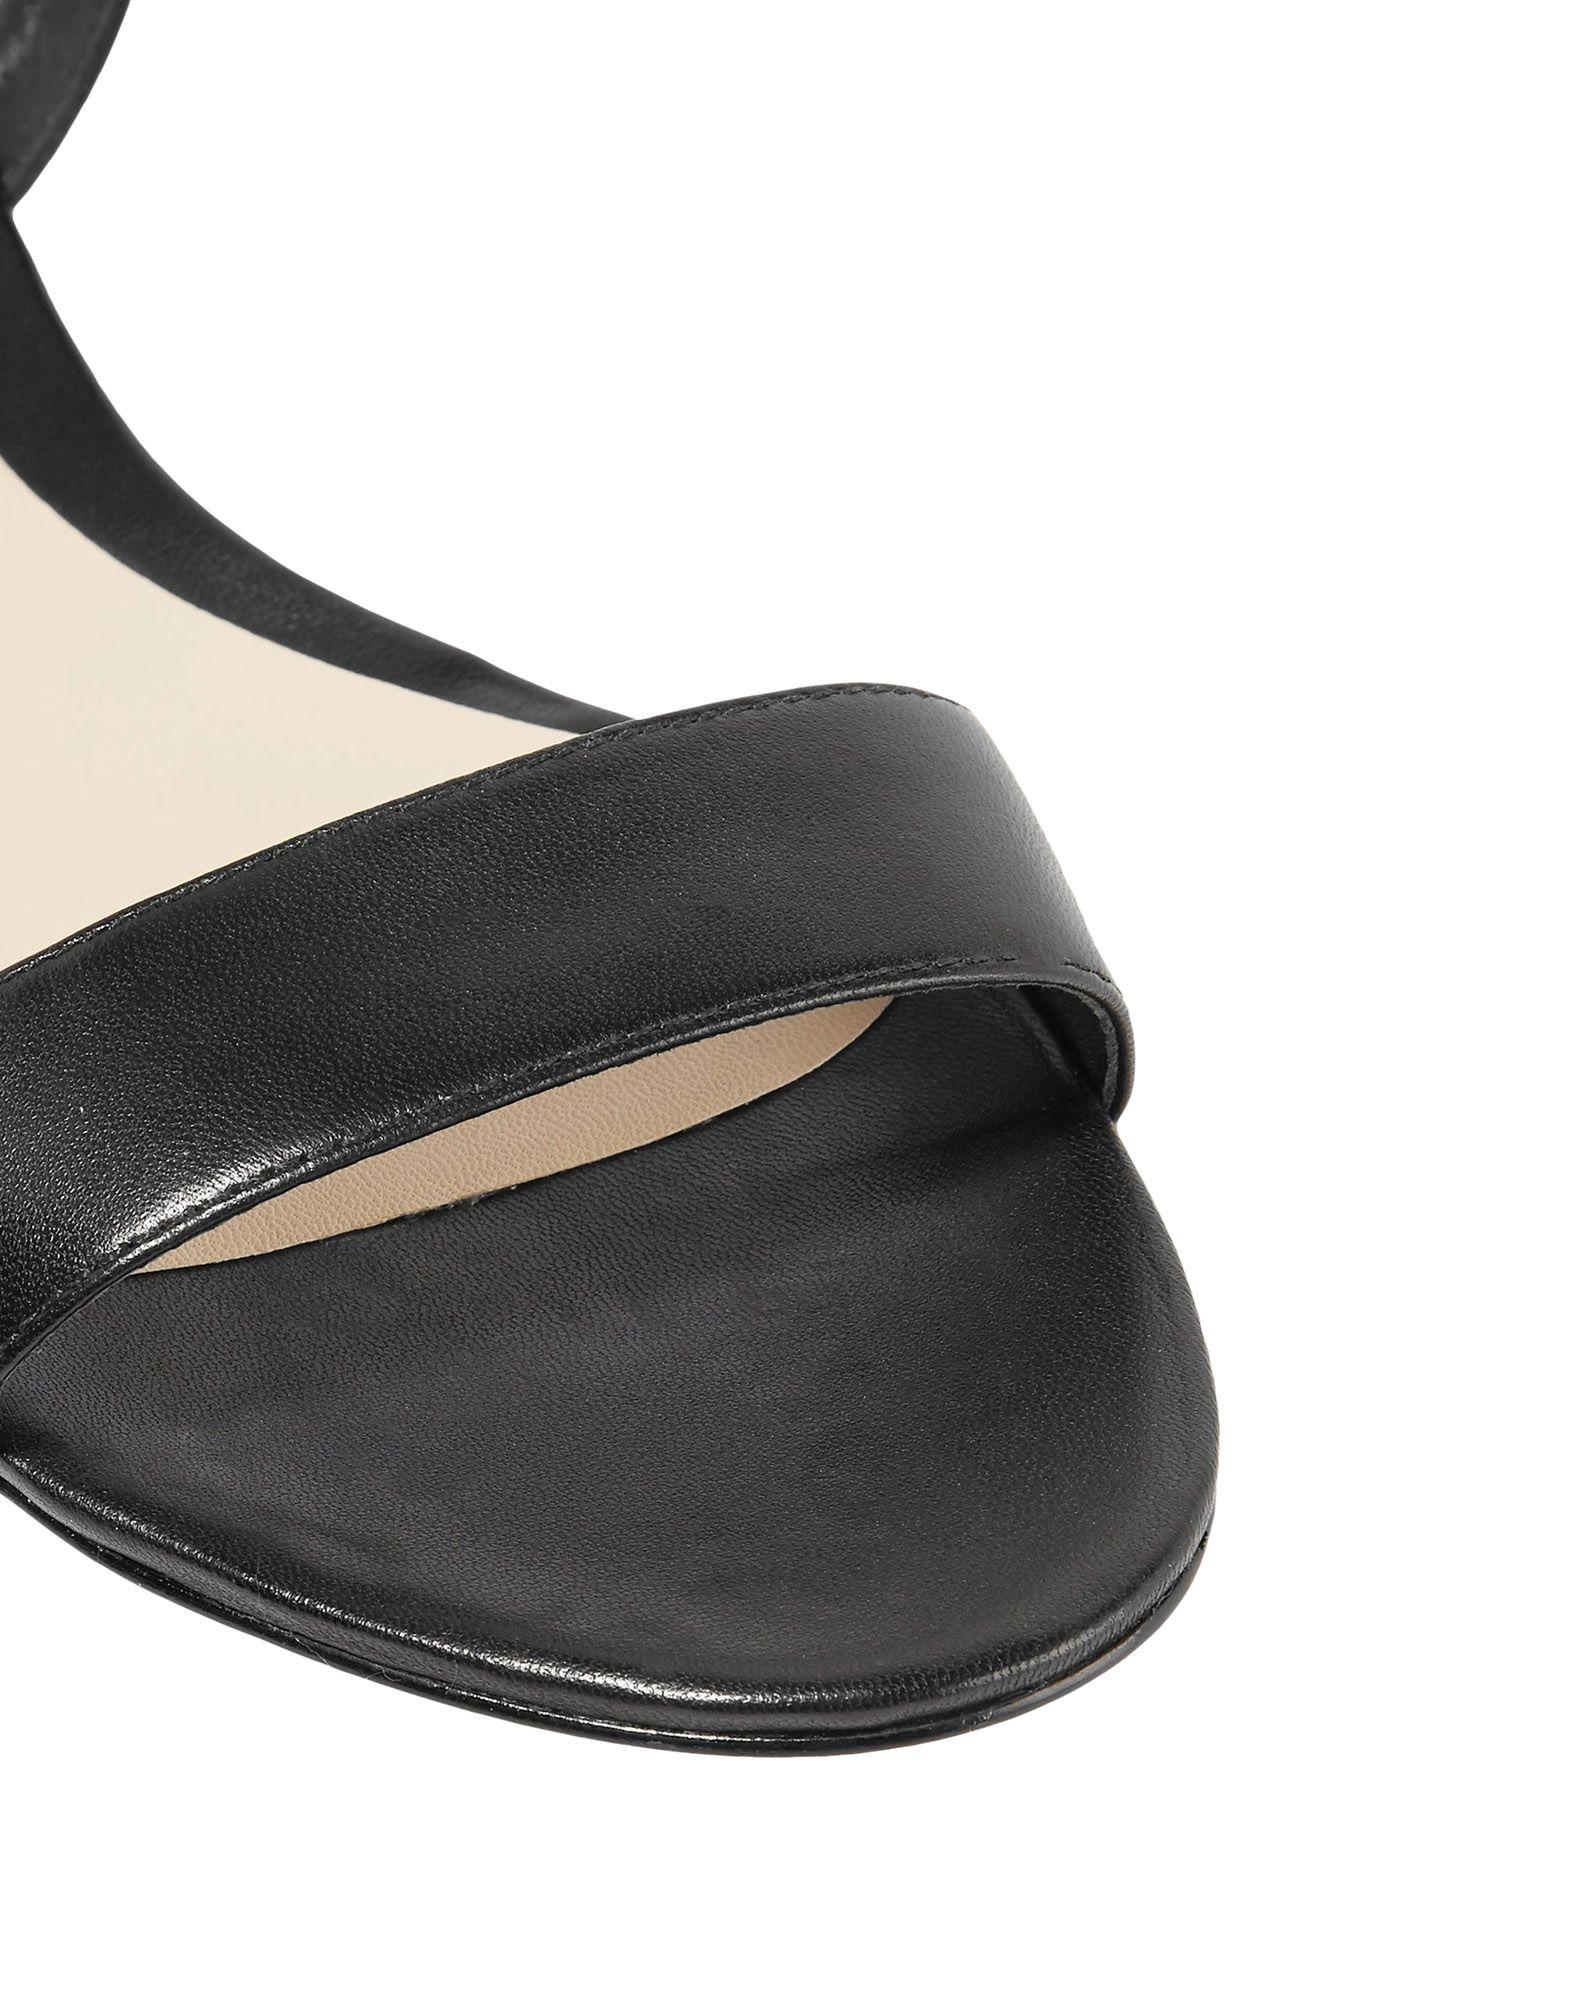 Stilvolle billige Schuhe 3.1  Phillip Lim Sandalen Damen  3.1 11516339HM dec983